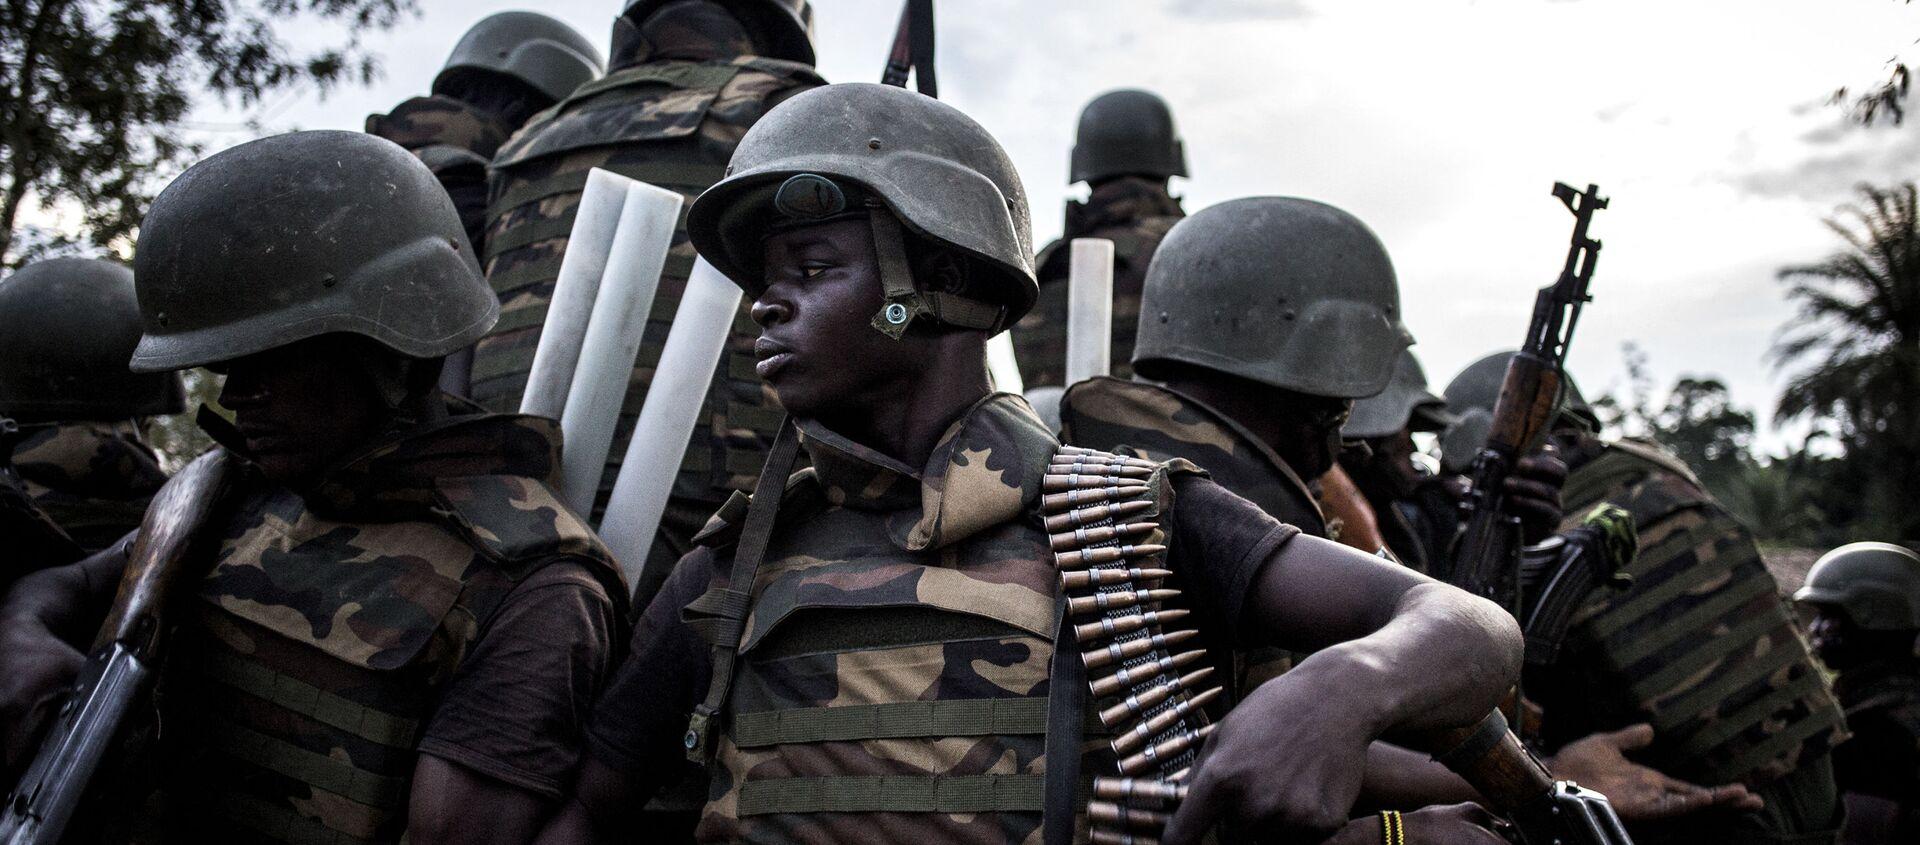 Des soldats des Forces armées de République démocratique du Congo - Sputnik France, 1920, 30.07.2021